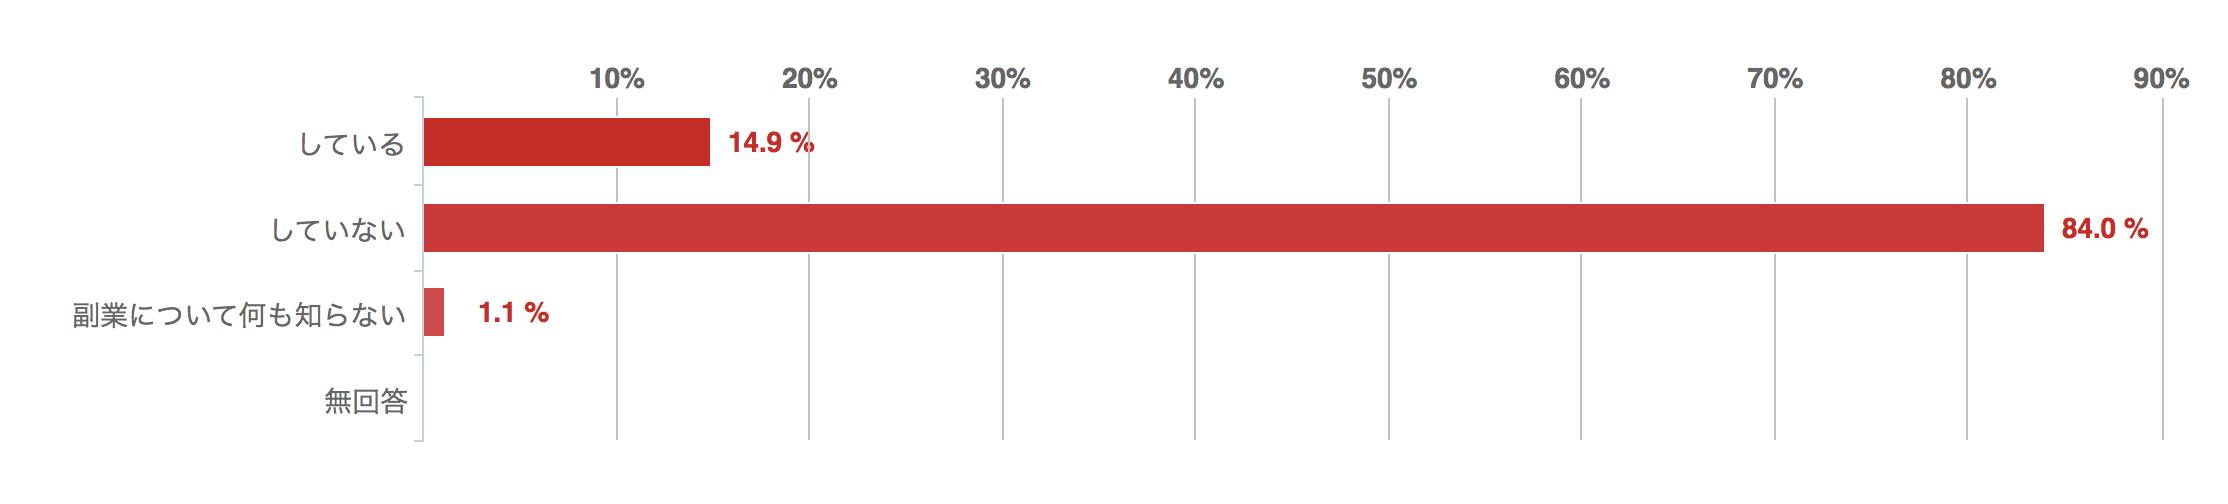 あなたは副業をしていますか?、回答グラフ